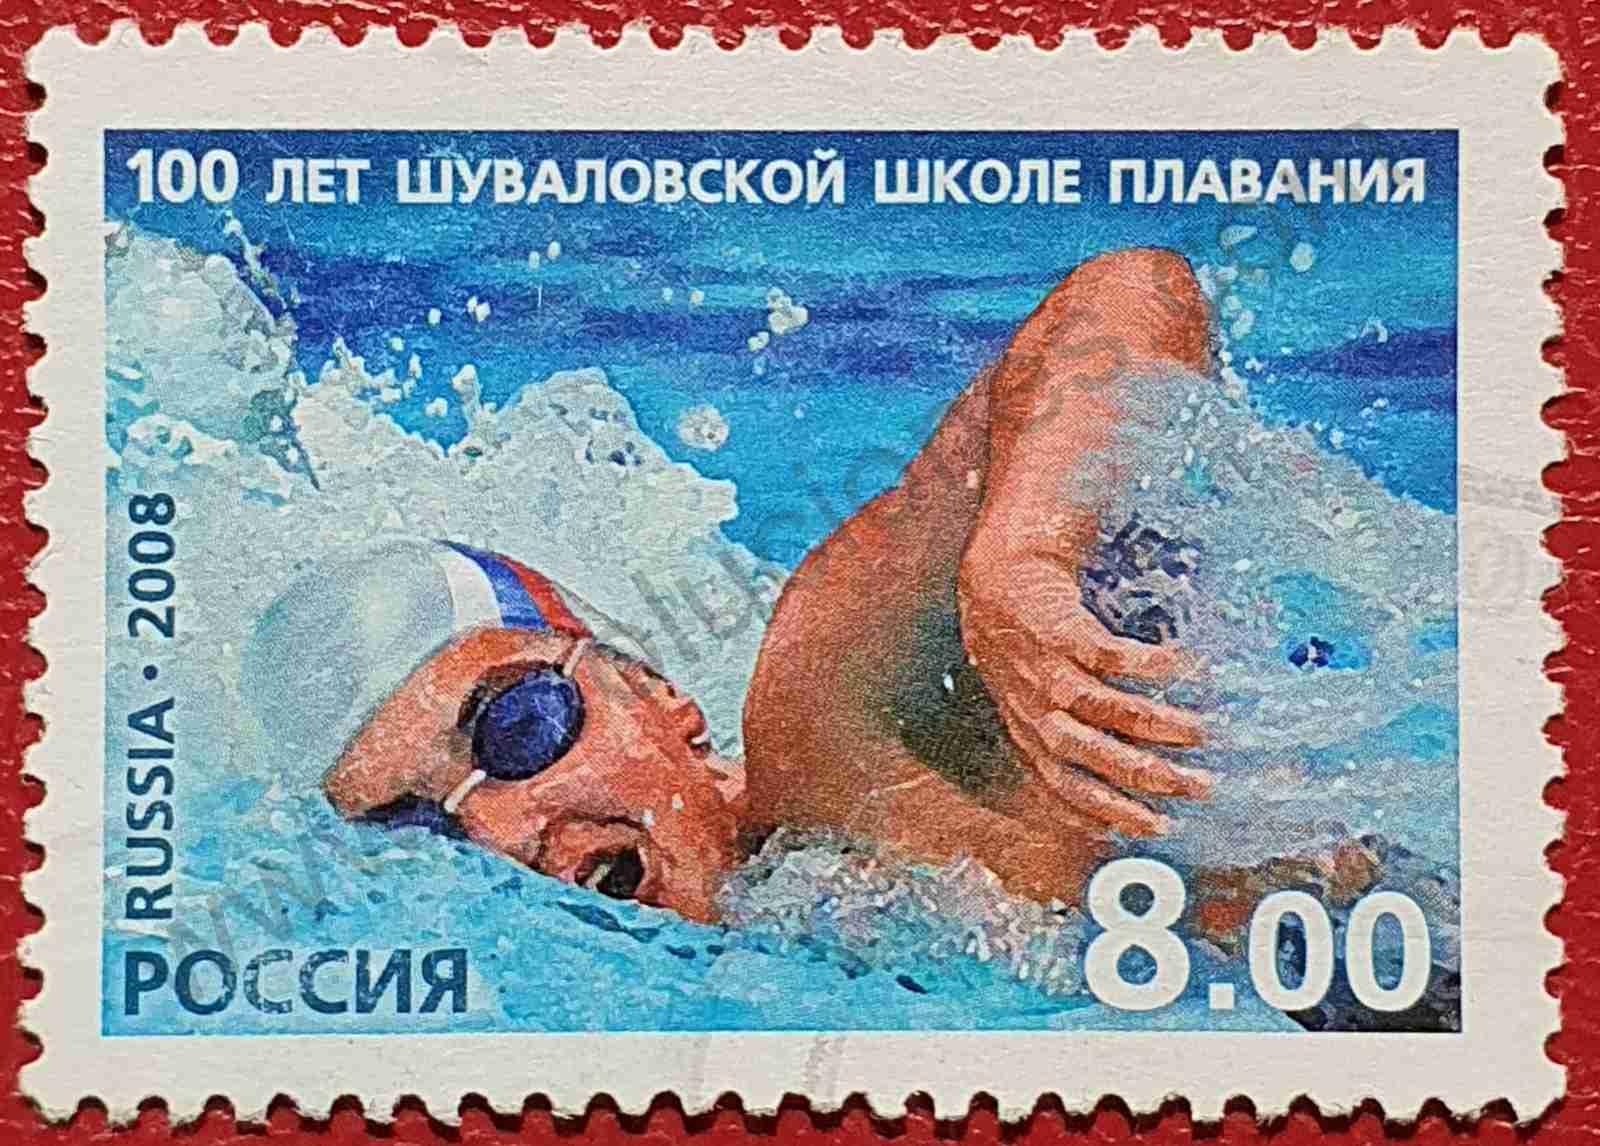 Escuela de natación Shuvalov - Sello Rusia 2008